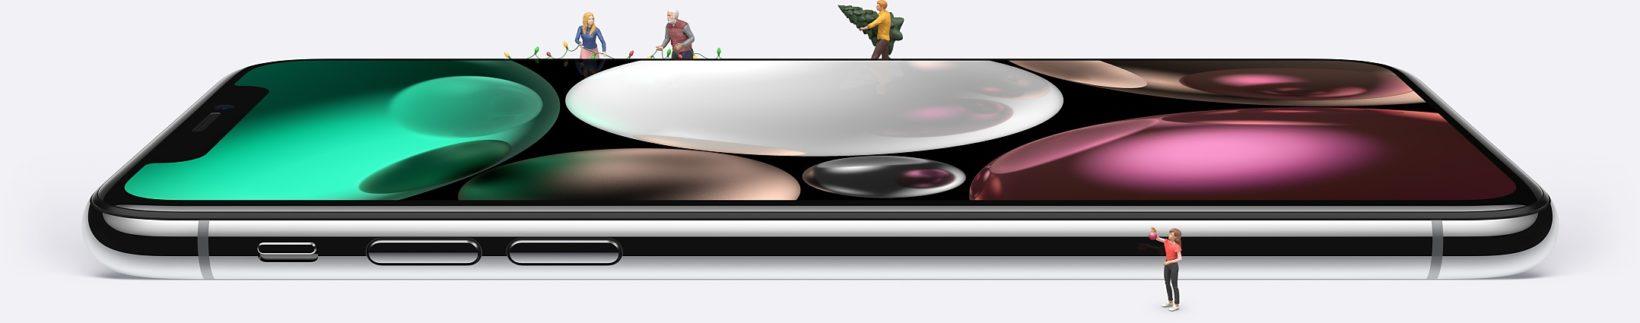 Apple accende il natale con la guida ai regali hi tech for Regali hi tech